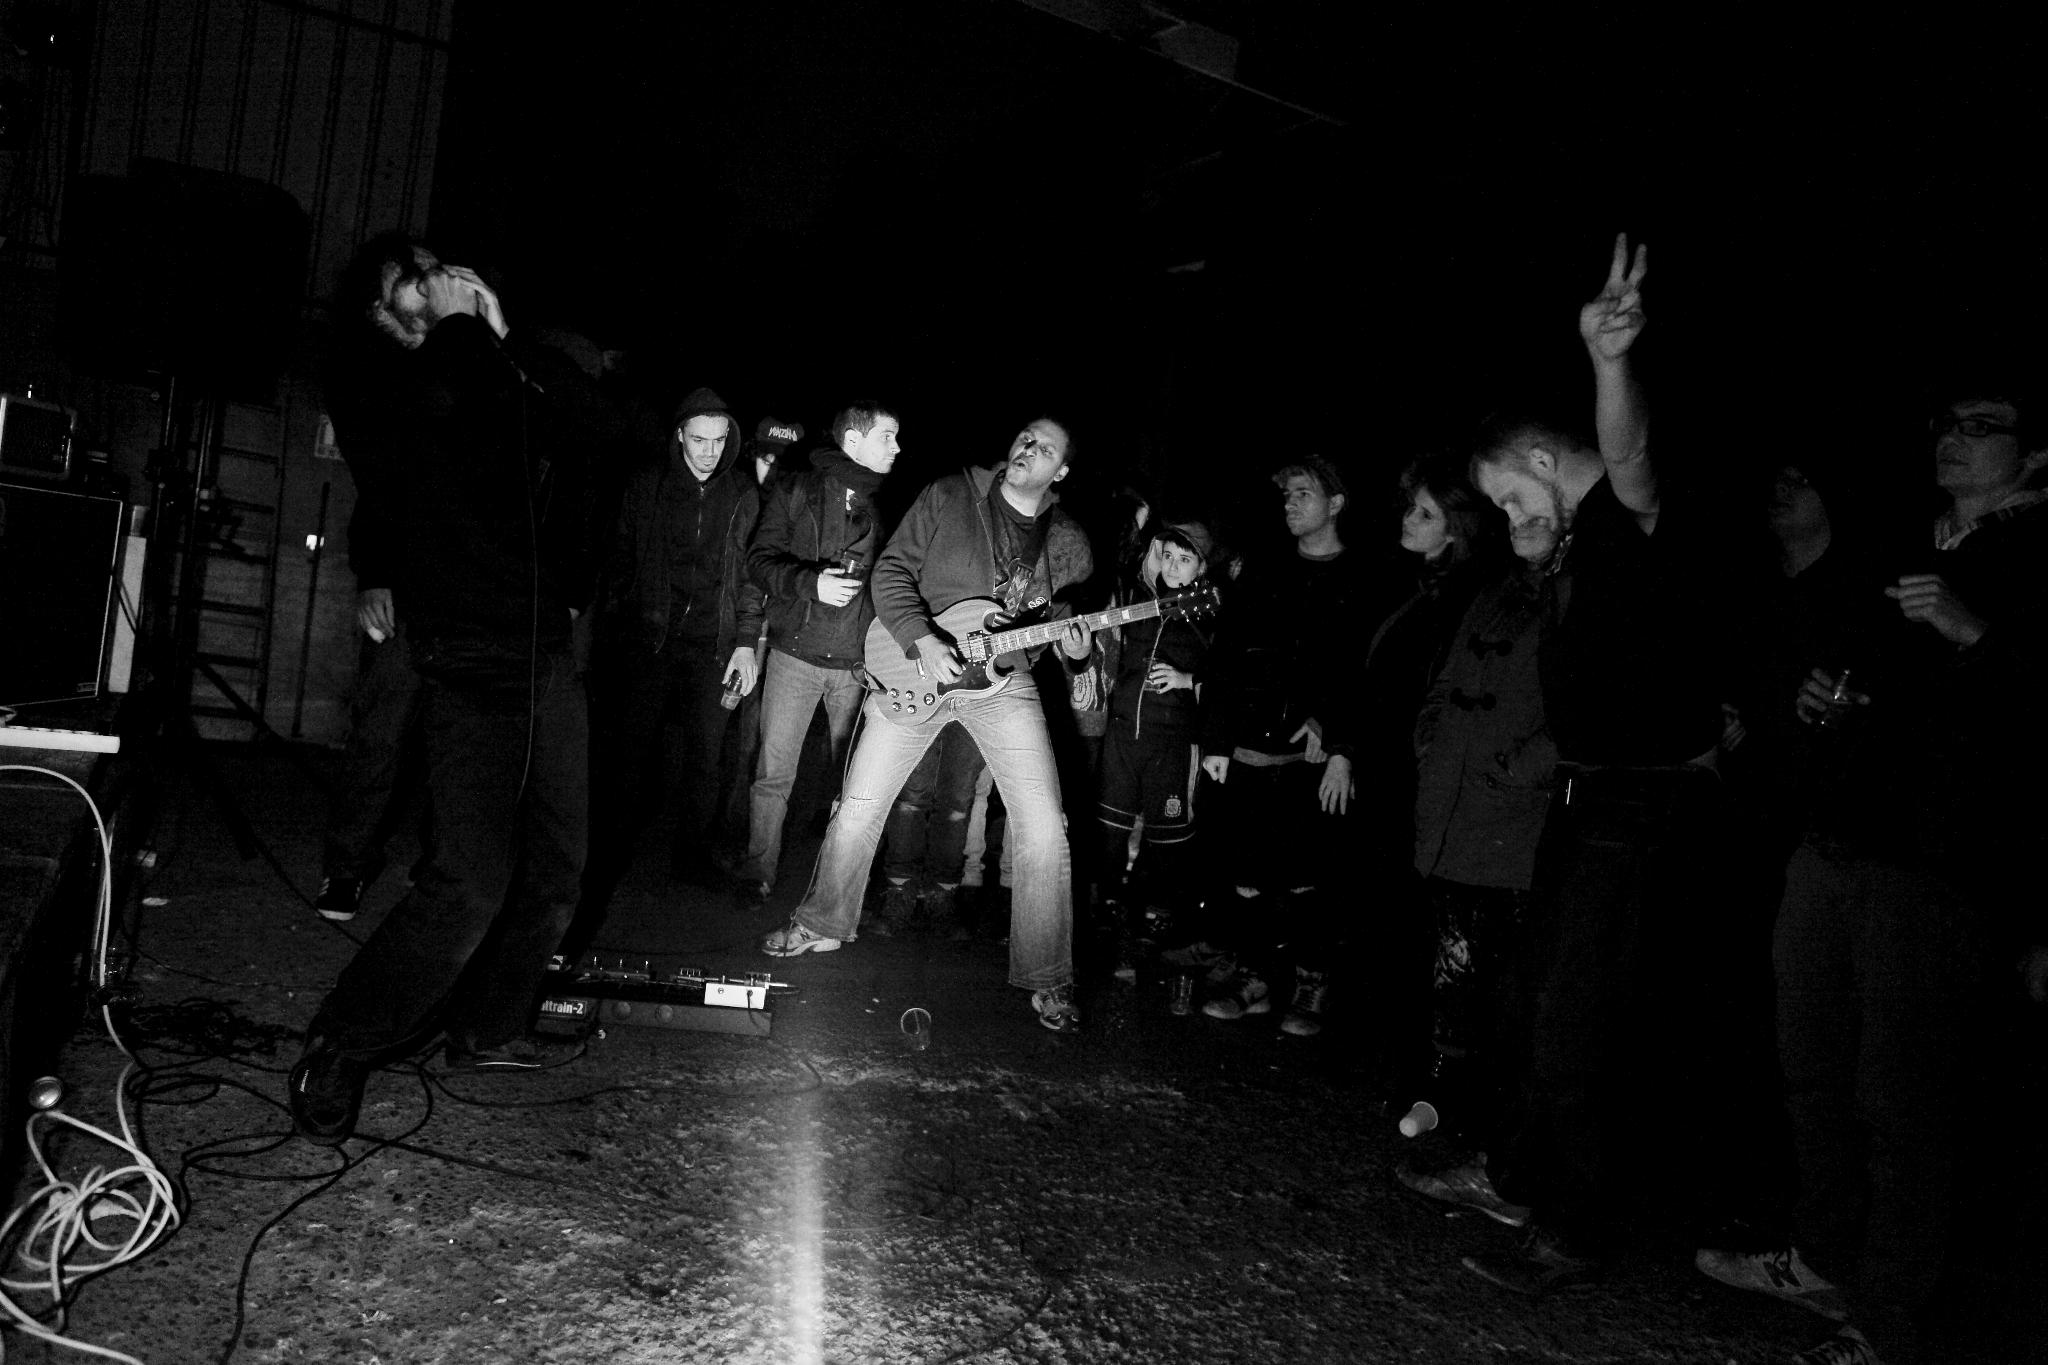 Karcavul concert au Grrrnd Zero de Lyon